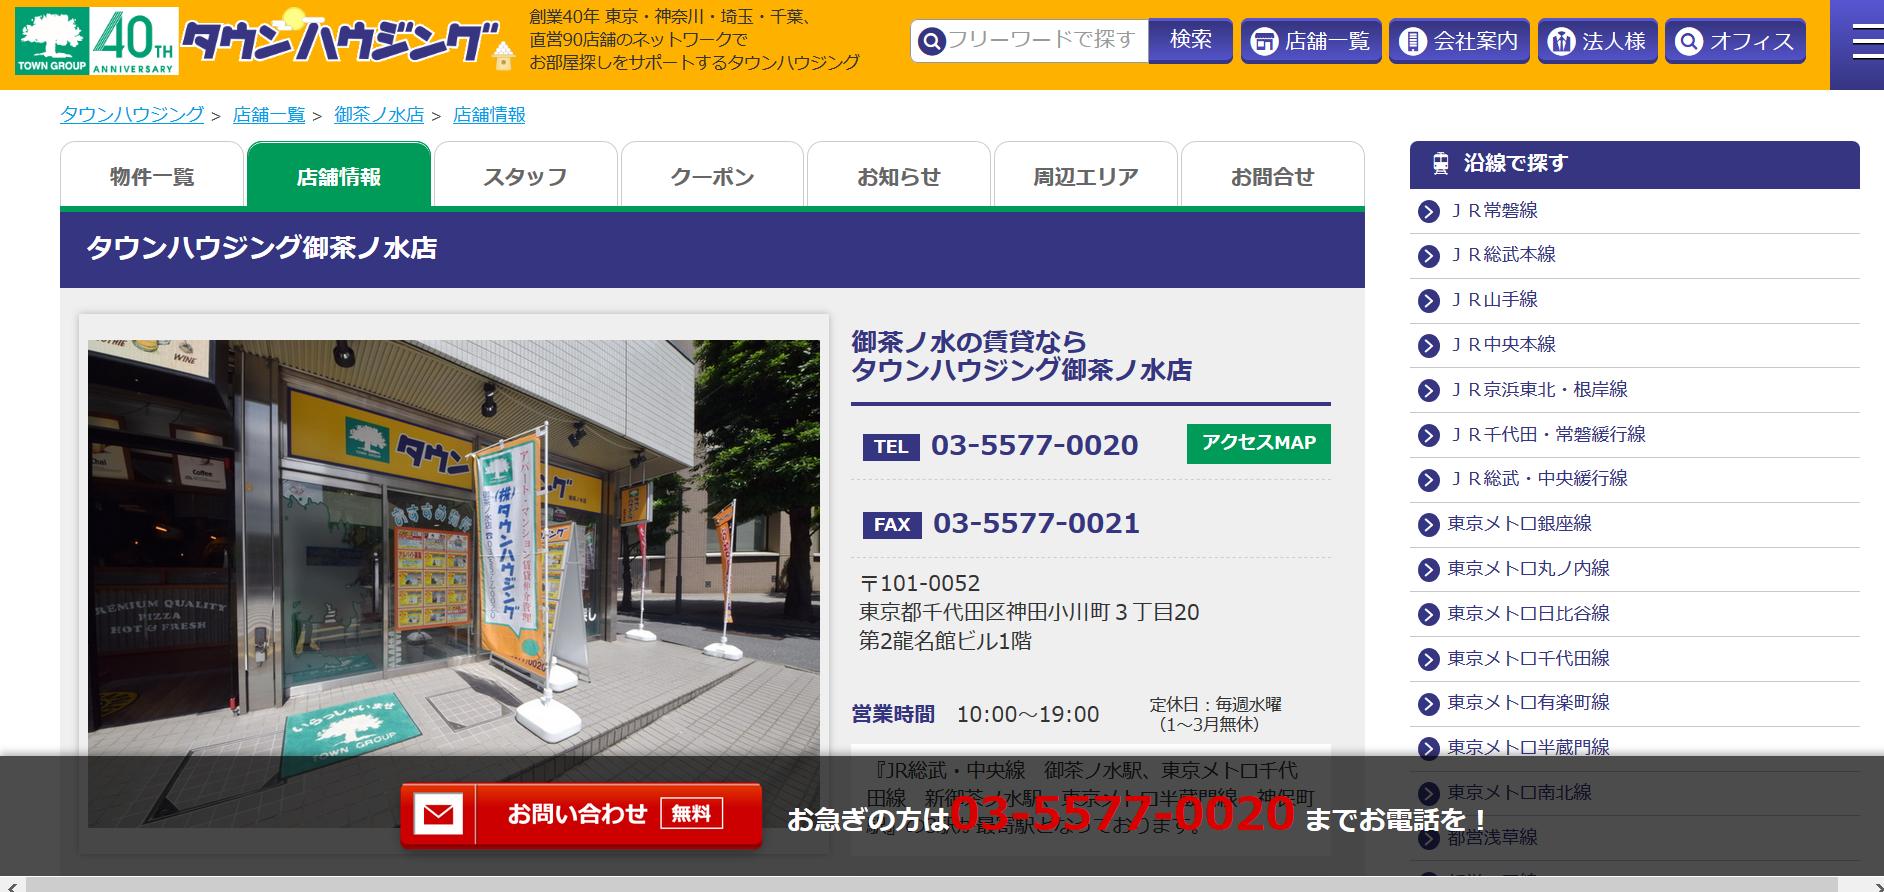 タウンハウジング 御茶ノ水店